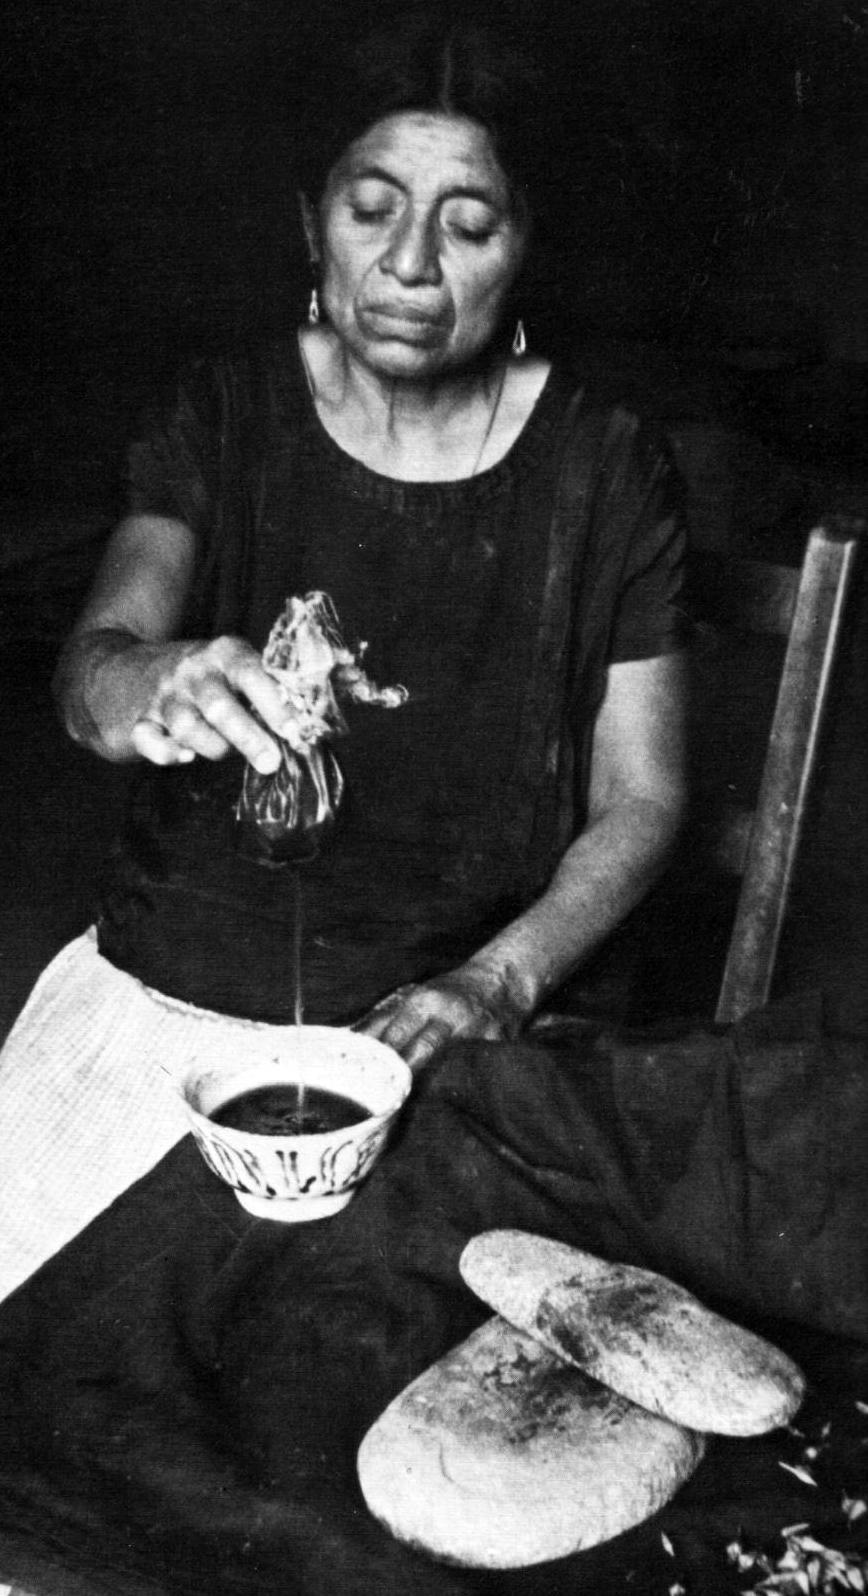 Una chamana zapoteca prepara una infusión con semillas de opimoea violácea, que contienen alcaloides semejantes a los del LSD.